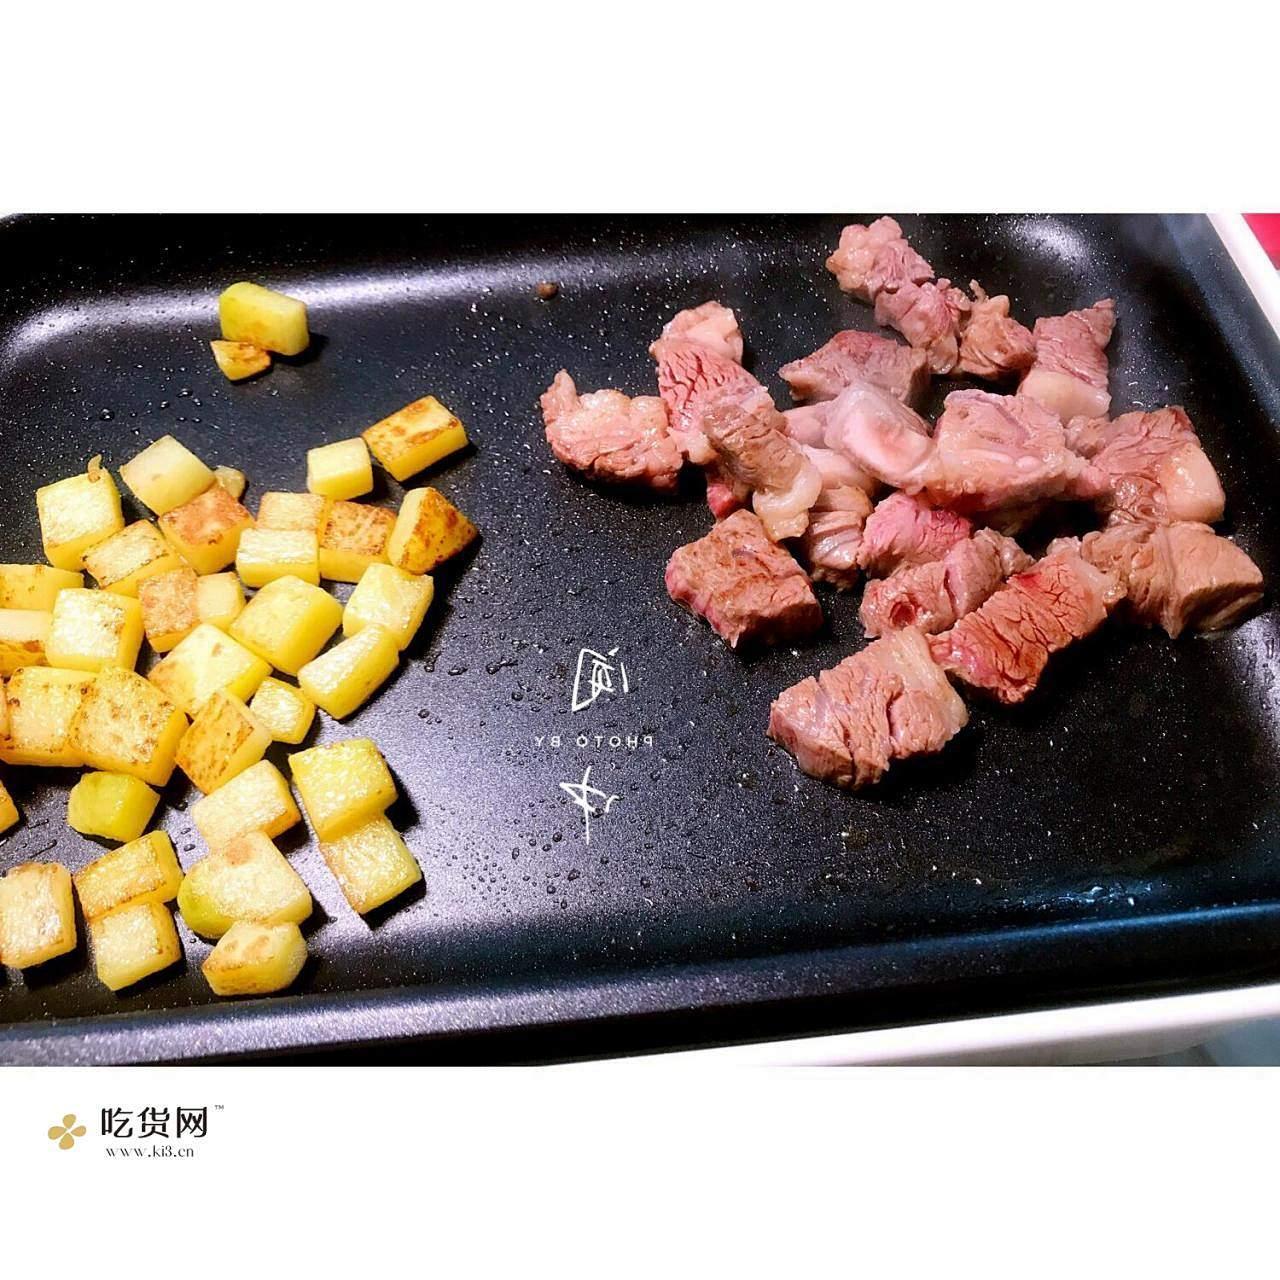 眼肉牛排便当®SUNVALLEY®太阳谷牛排攻略的做法 步骤5